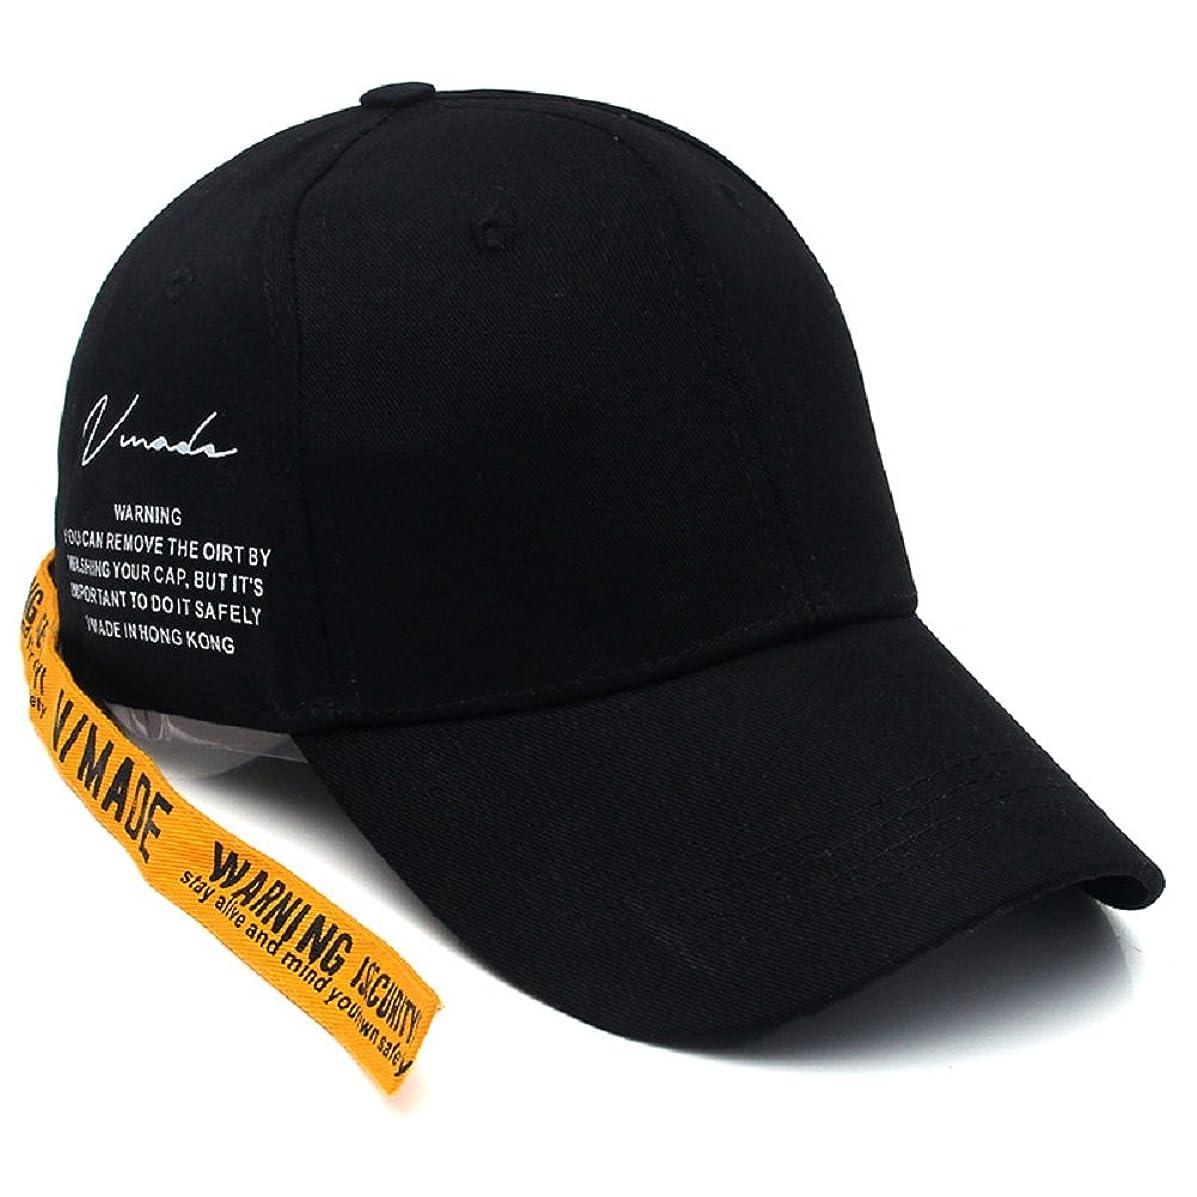 アウトドア腹部一般[セイヤインターナショナル] 帽子 韓国 韓流 男女兼用 ロングストラップ キャップ 野球帽 G